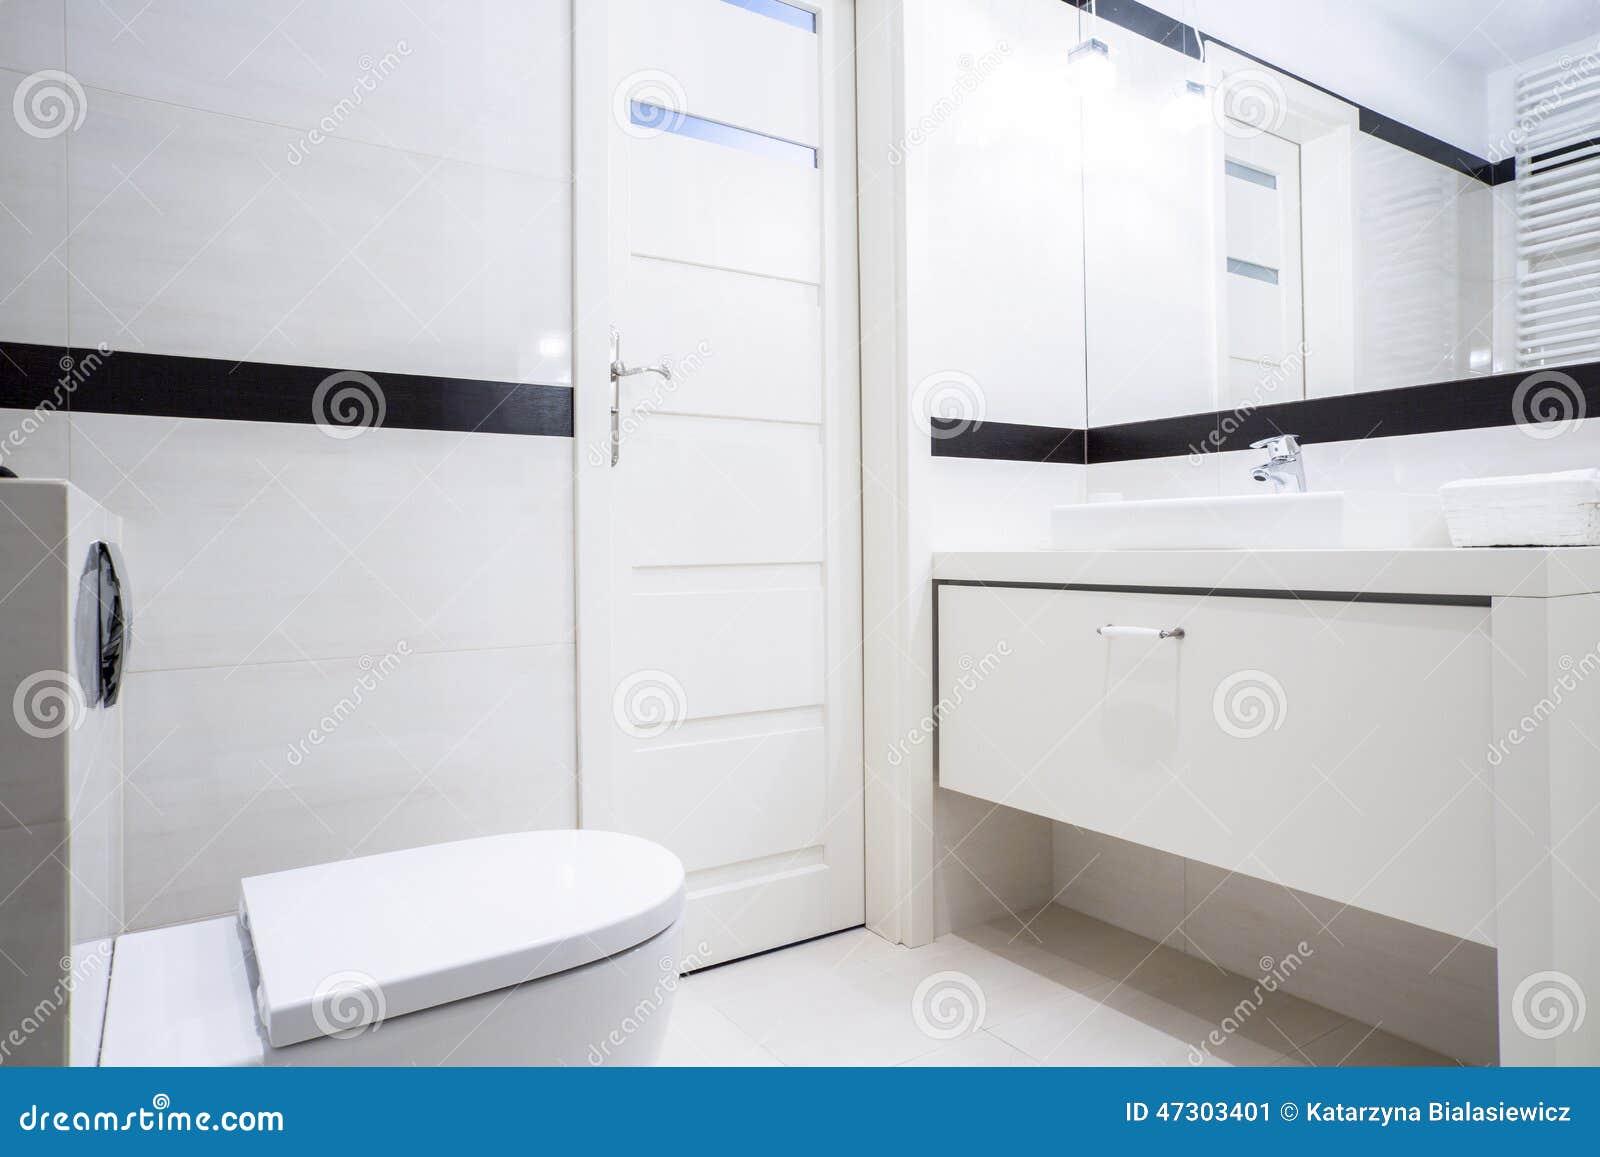 Piccolo Bagno In Bianco E Nero Fotografia Stock - Immagine: 47303401